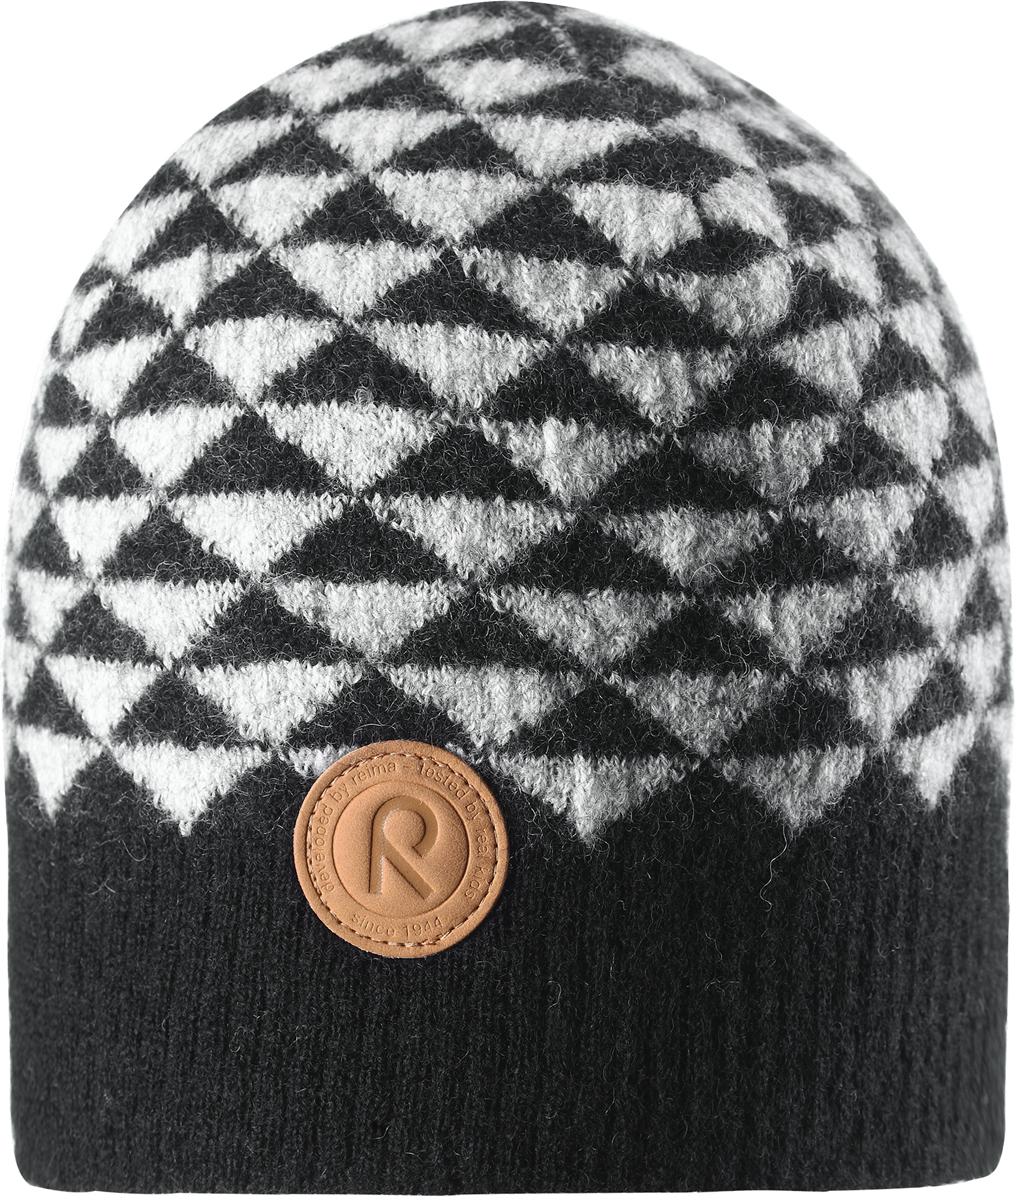 Шапка-бини детская Reima Kaamos, цвет: черный. 5285579990. Размер 545285579990Детская шапка из теплого шерстяного трикотажа Reima станет отличным вариантом на зимние холода. Материал превосходно регулирует температуру и хорошо согревает голову. Трикотажная подкладка в рубчик из смеси хлопка и эластана гарантирует тепло, а ветронепроницаемые вставки защищают уши. Модель имеет декоративную структурную вязку.